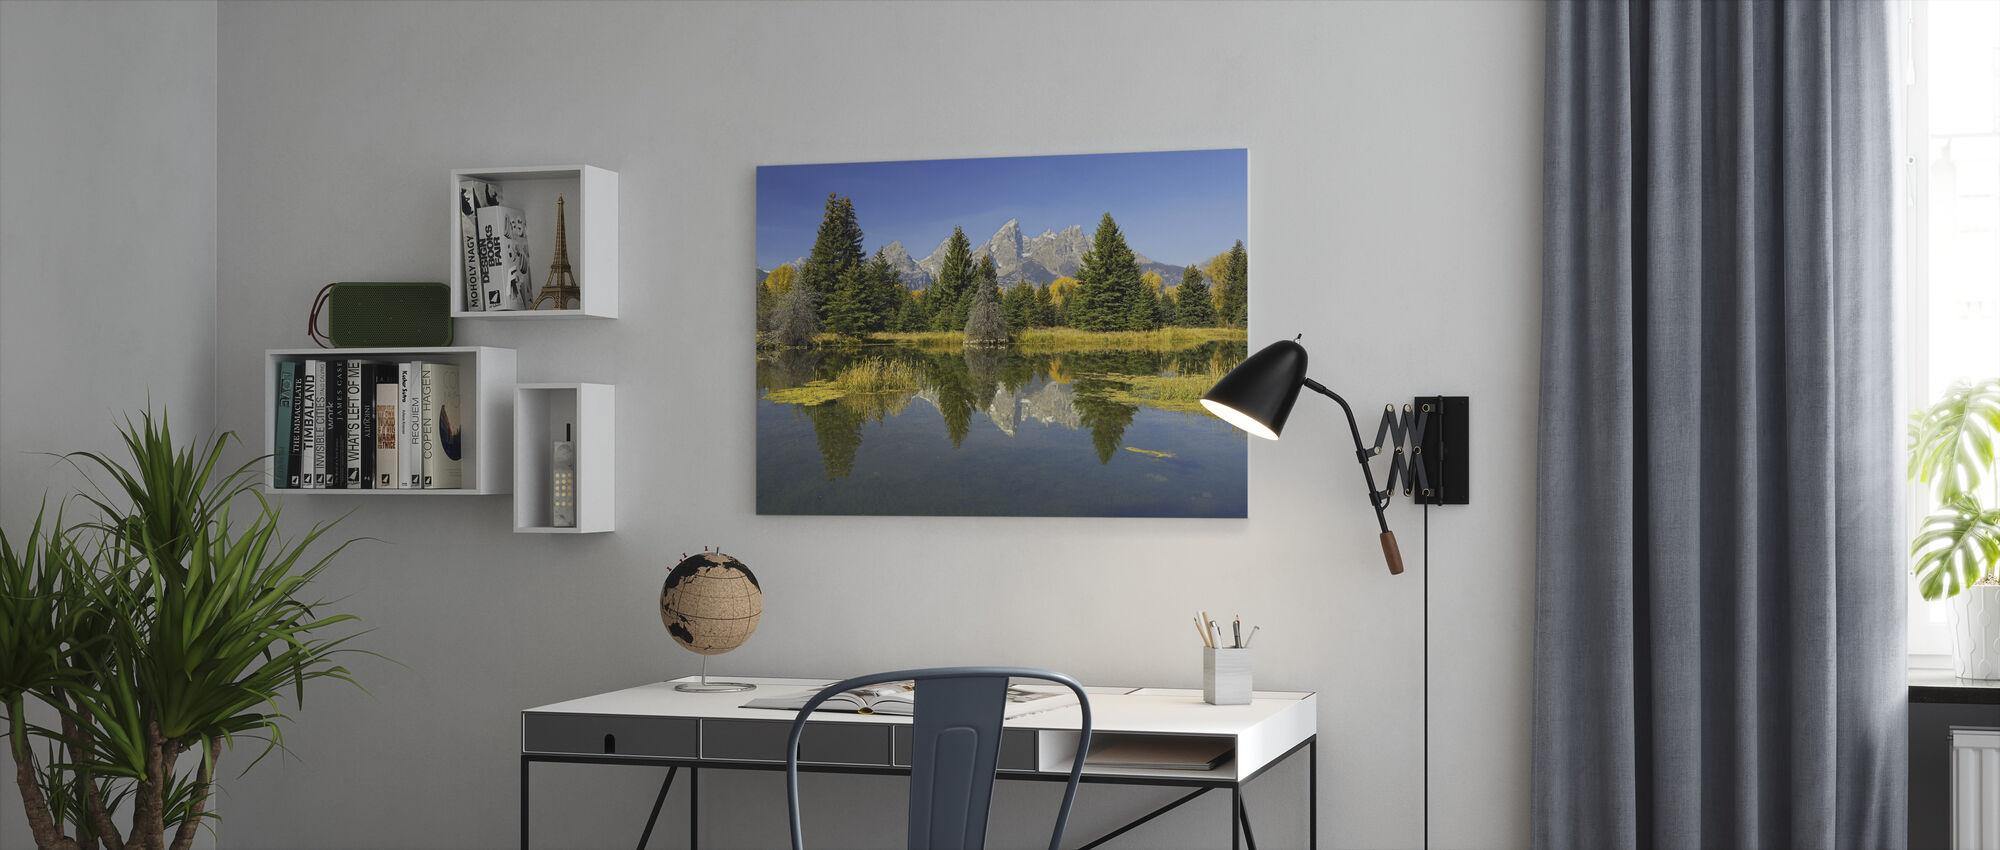 Majava lampi - Canvastaulu - Toimisto